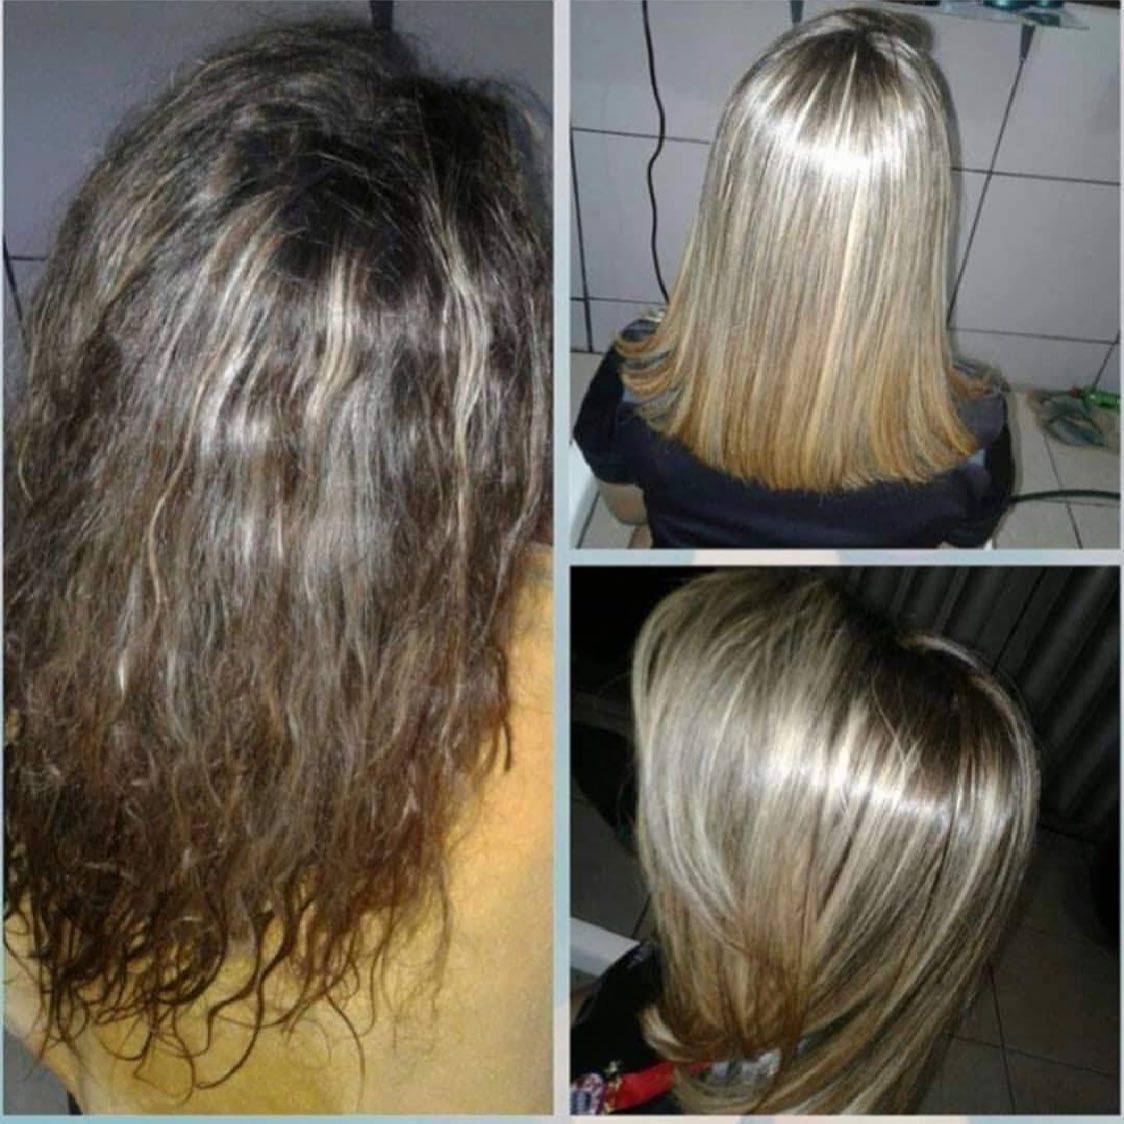 Gold Spell Lisos: Pode usar em cabelo loiro?